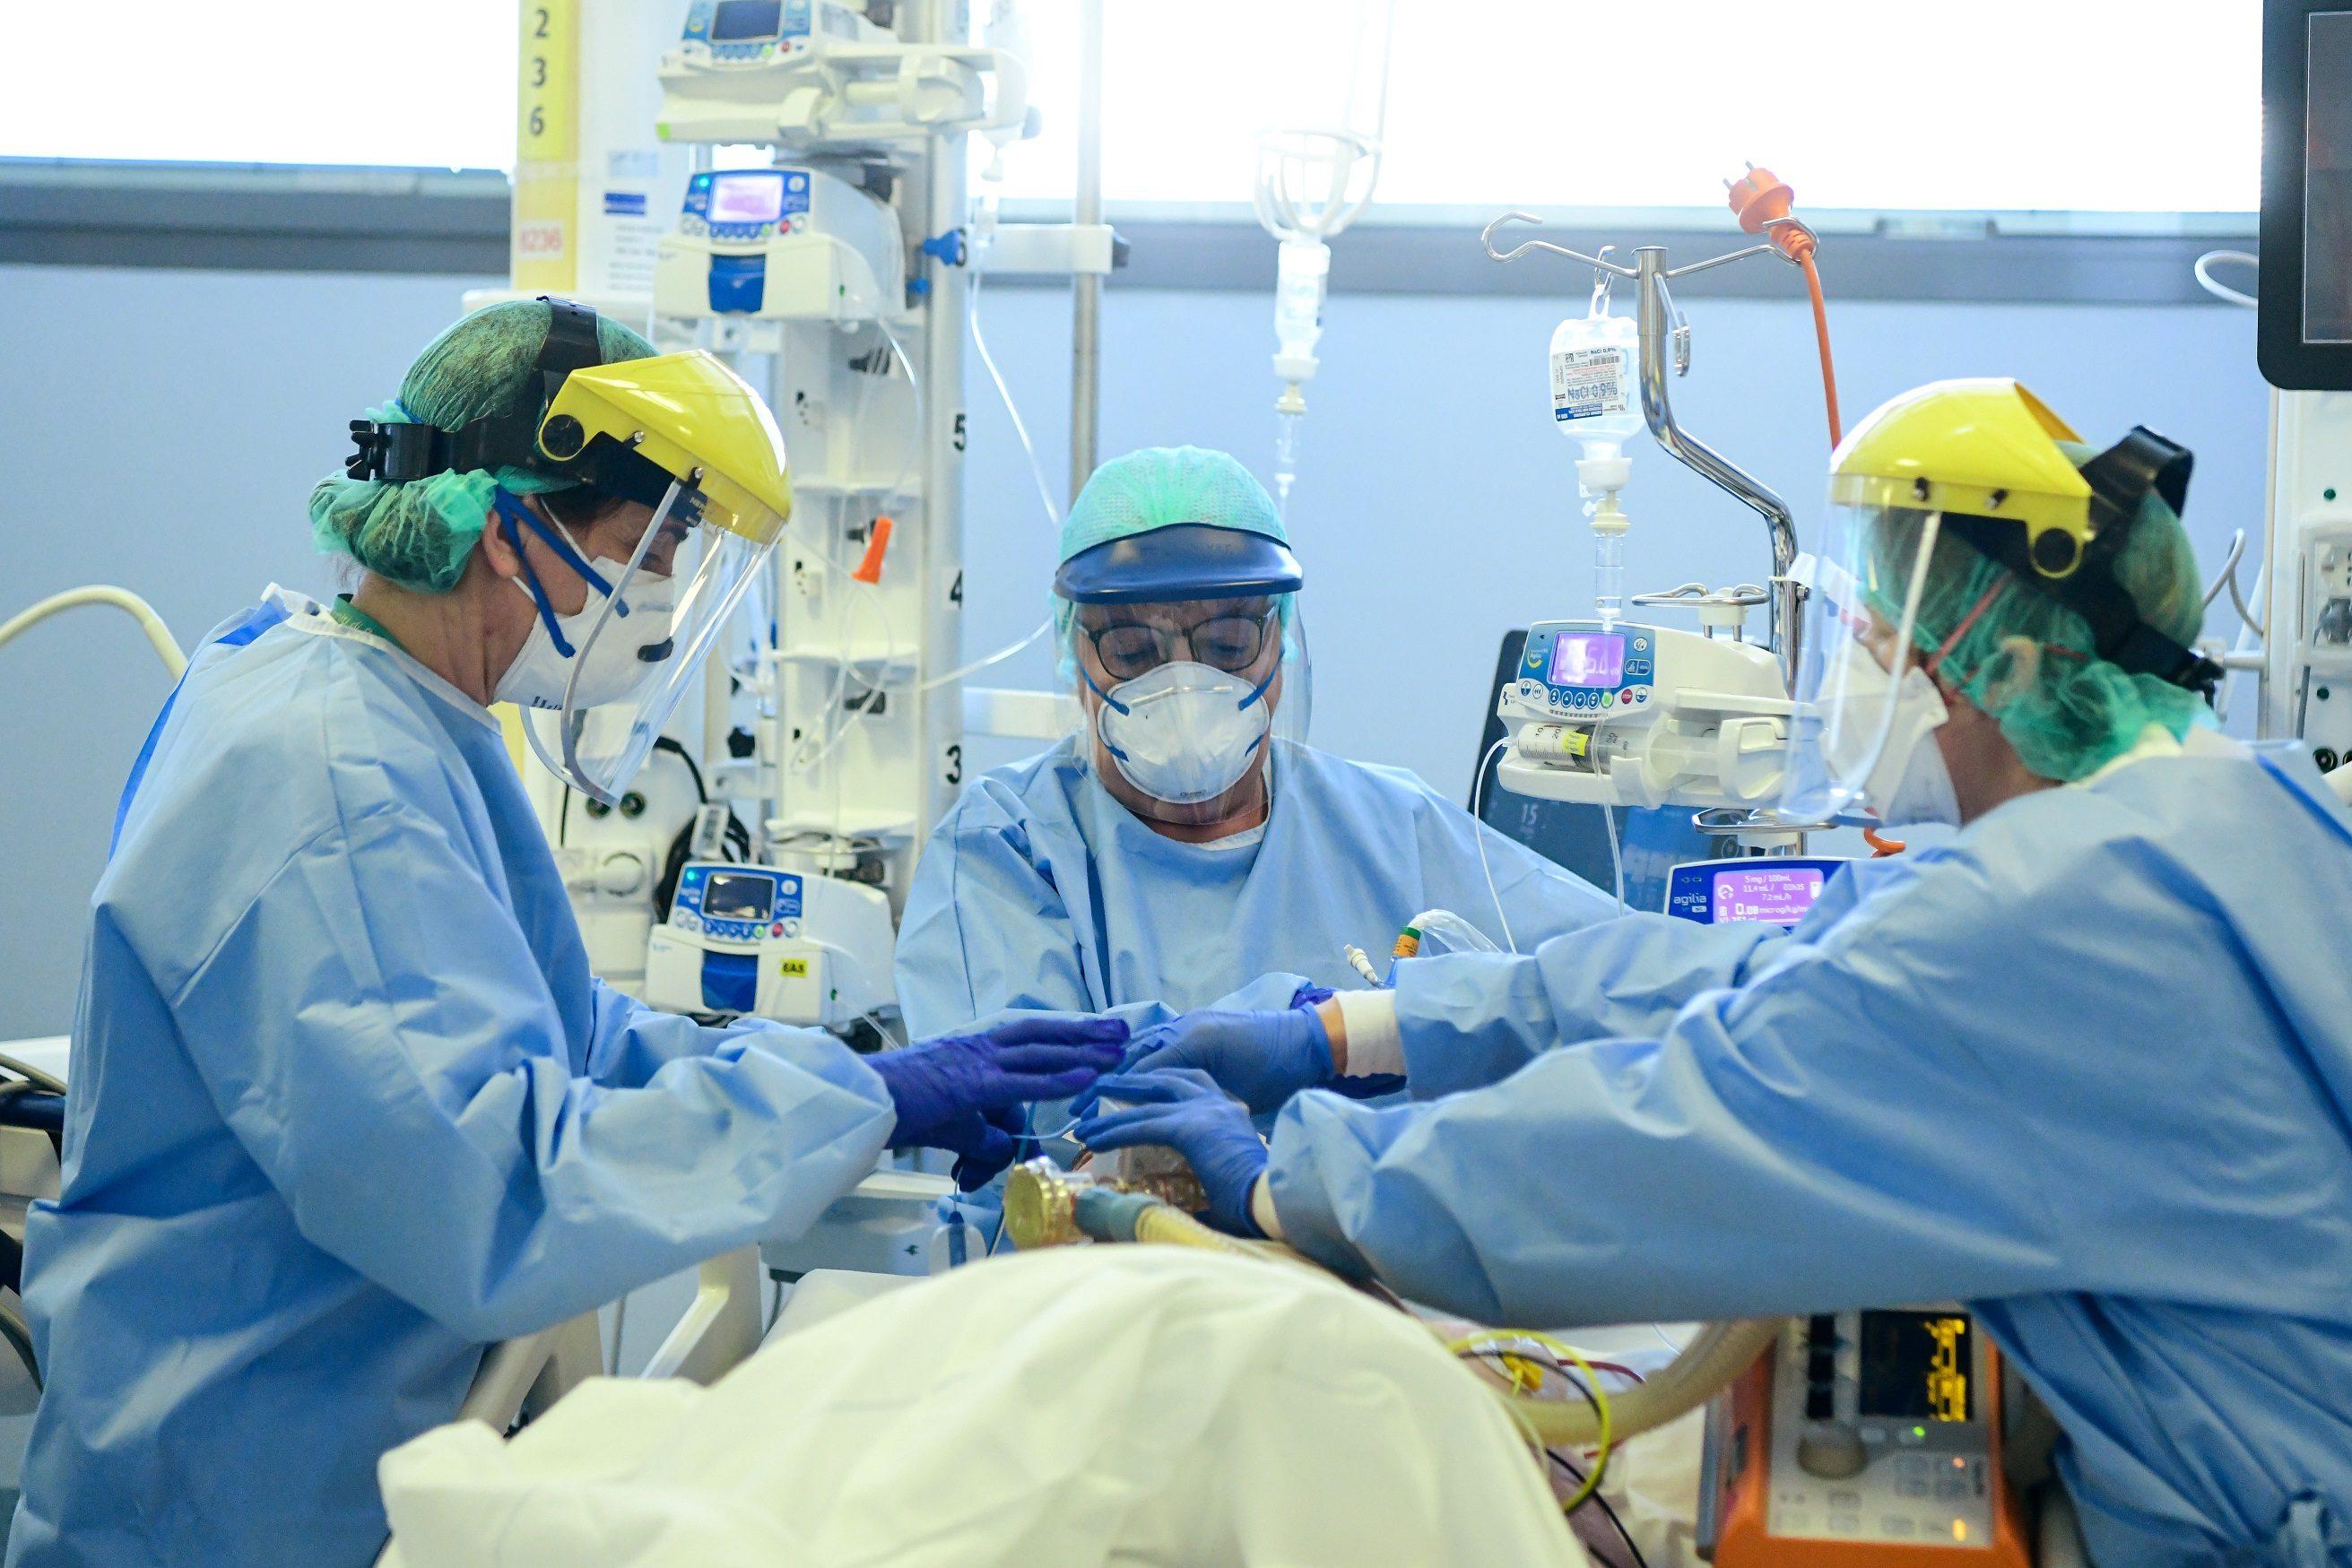 เริ่มมีข่าวดี! 'อิตาลี' ผู้ป่วยโควิด-19 เคส ICU ลดลง 'สเปน' ผู้ติดเชื้อน้อยลง